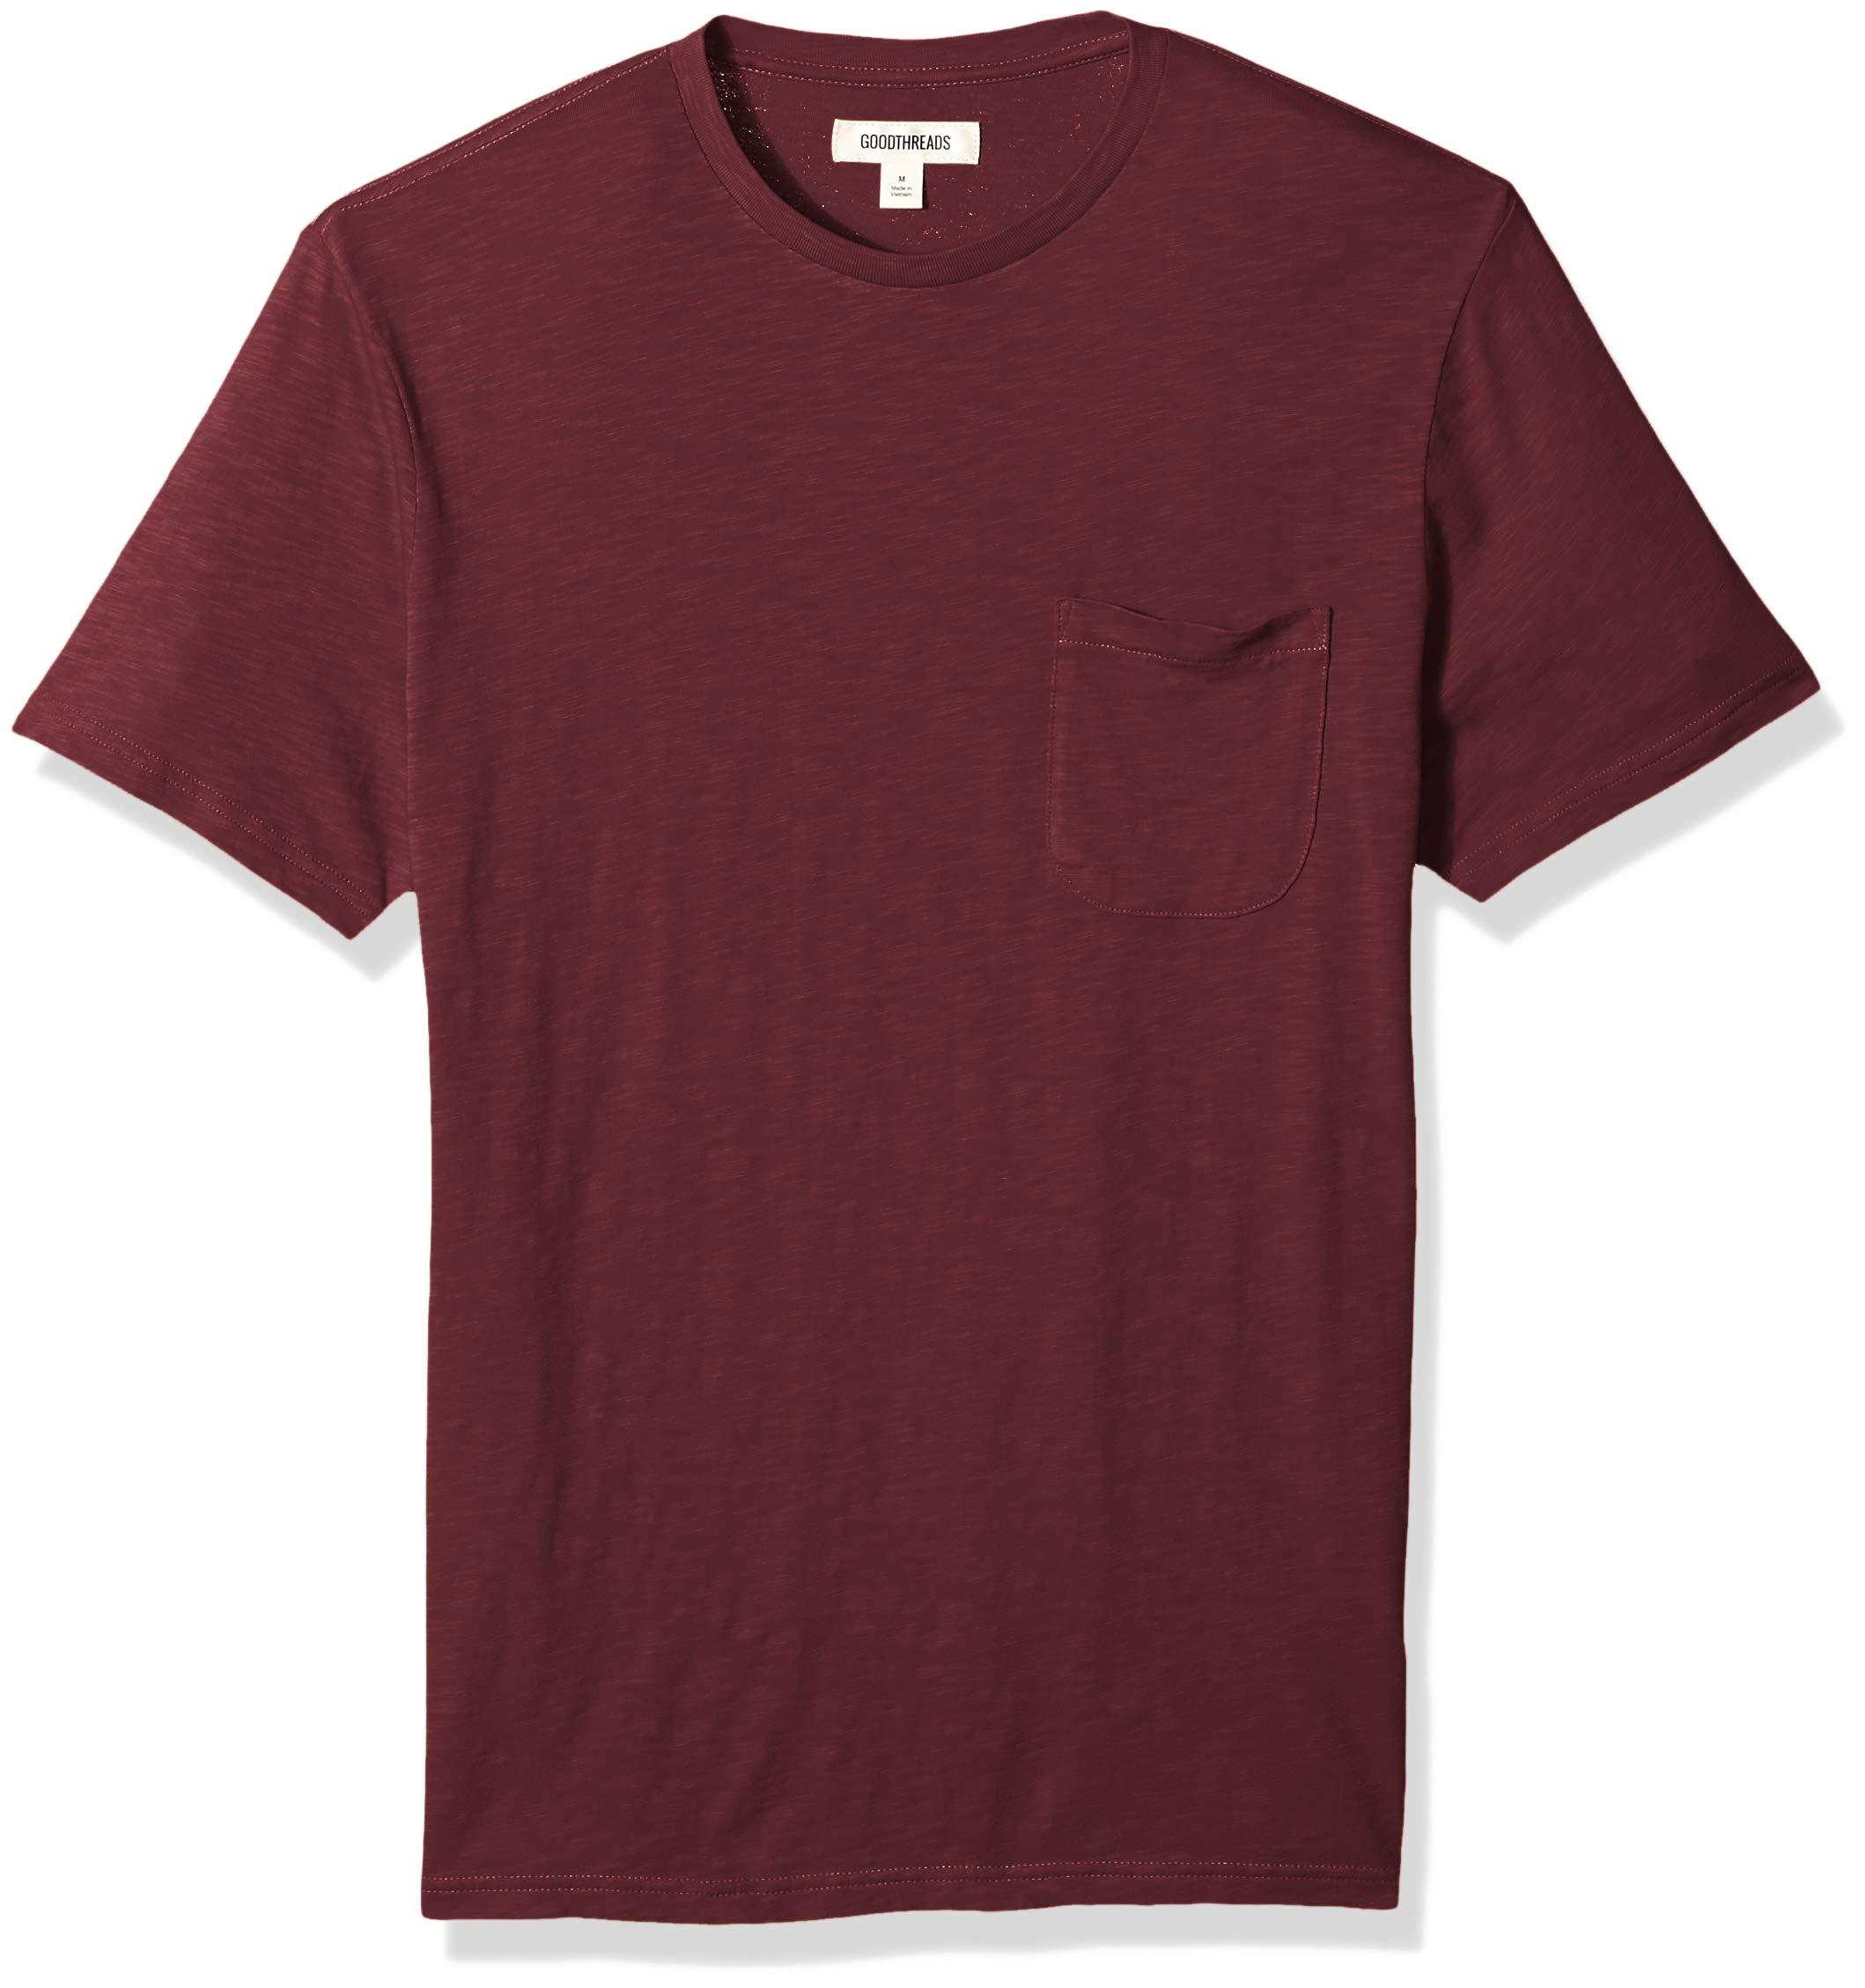 Goodthreads Men's Lightweight Slub Crewneck Pocket T-Shirt, Burgundy, Large